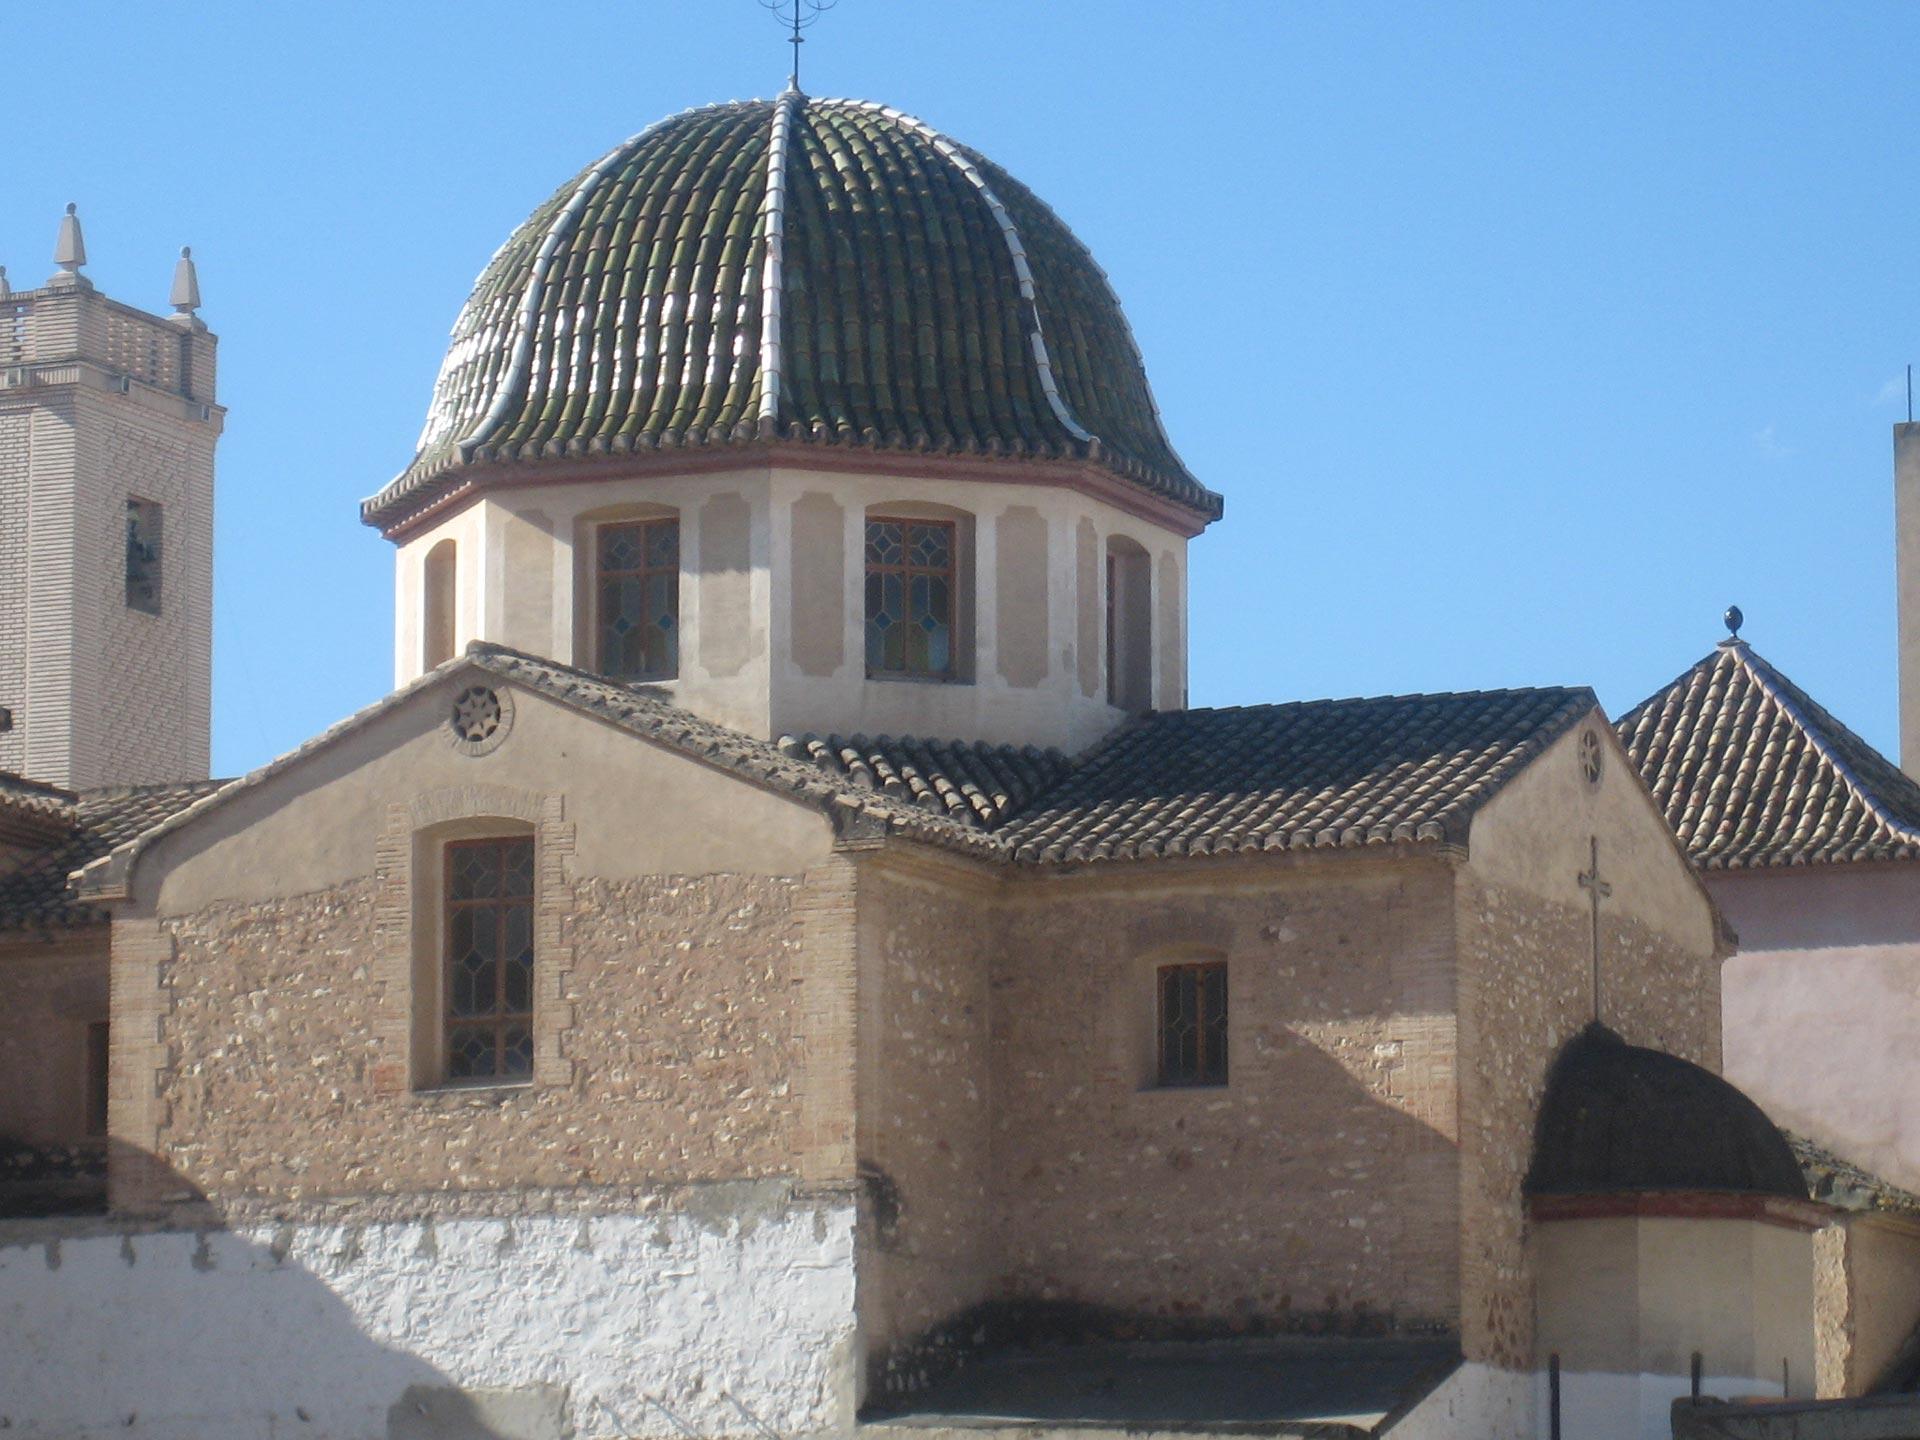 Església de Sant Francesc - Turisme Líria